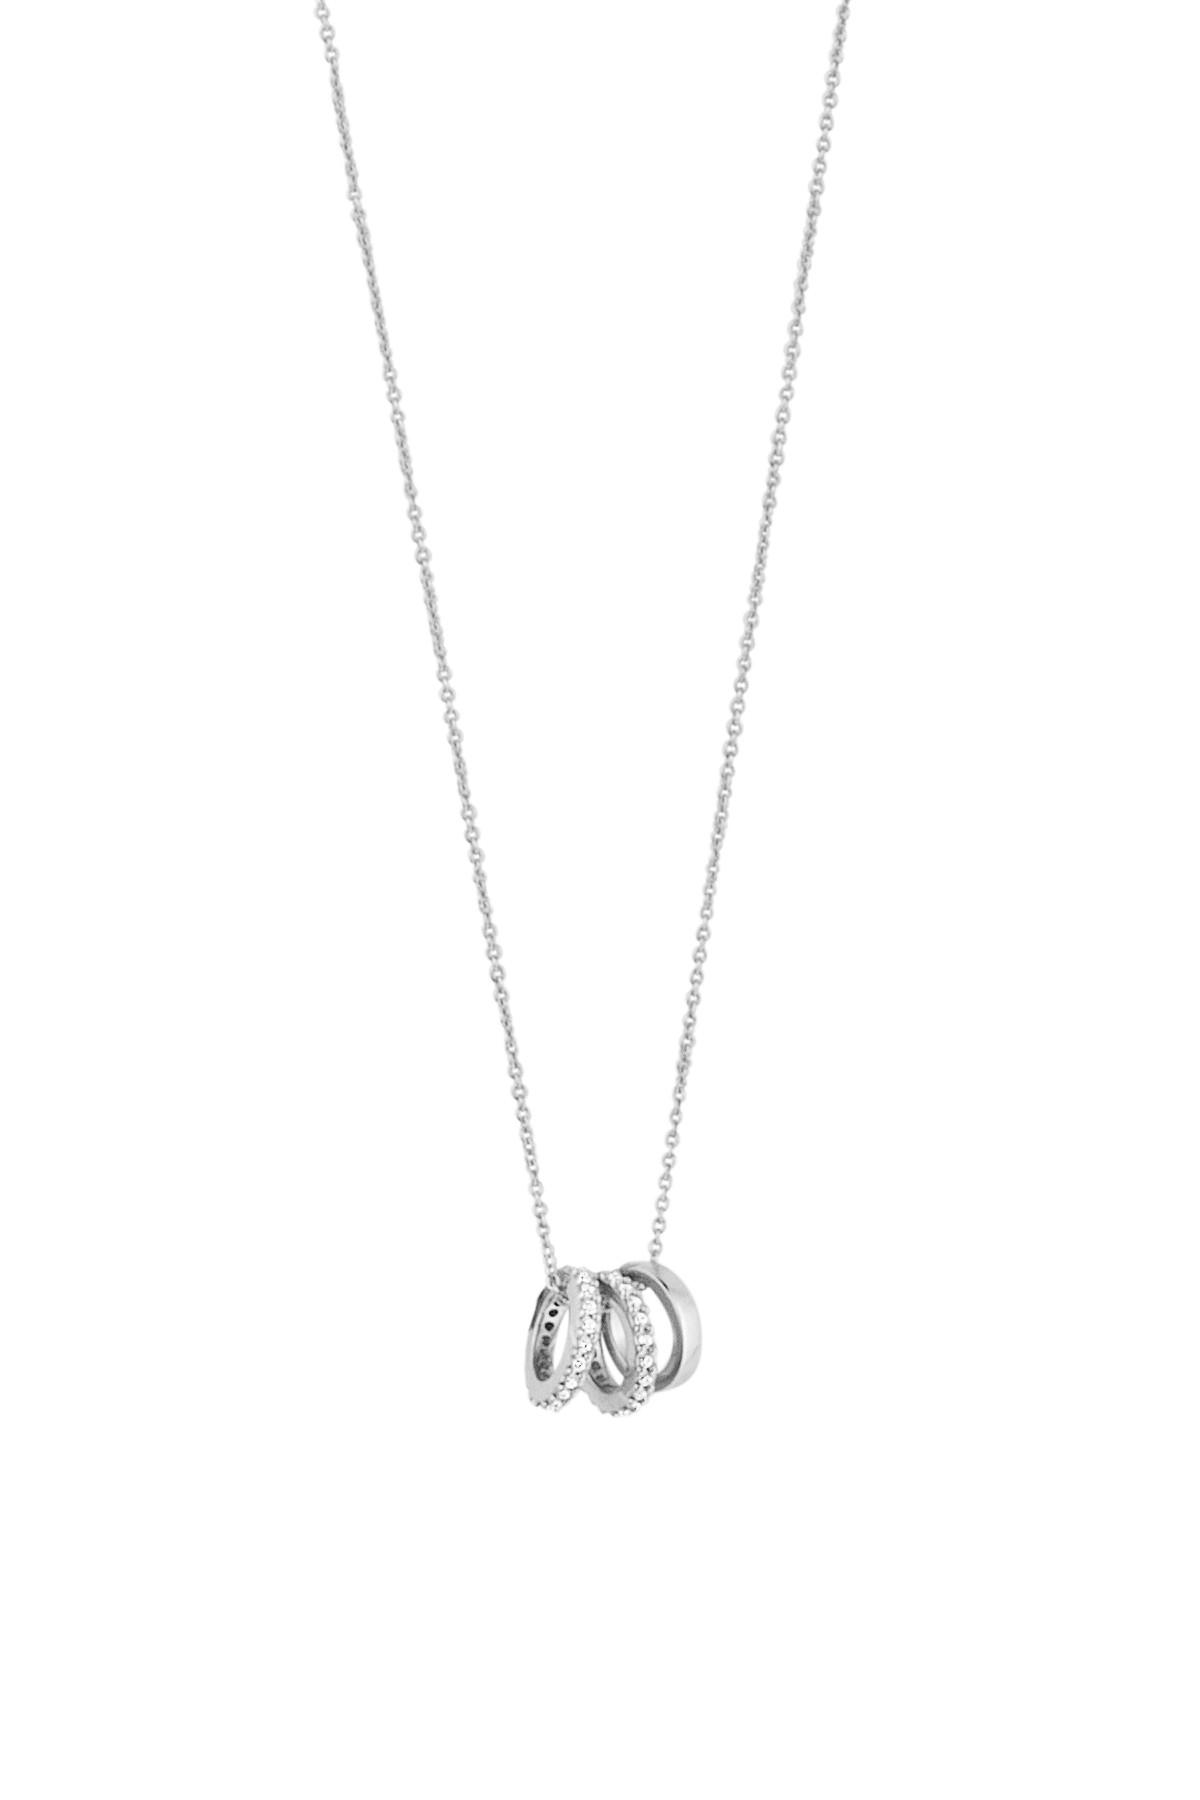 Image of   DYRBERG/KERN LISTON HALSKÆDE 400954 (Silver, Crystal, ONESIZE)